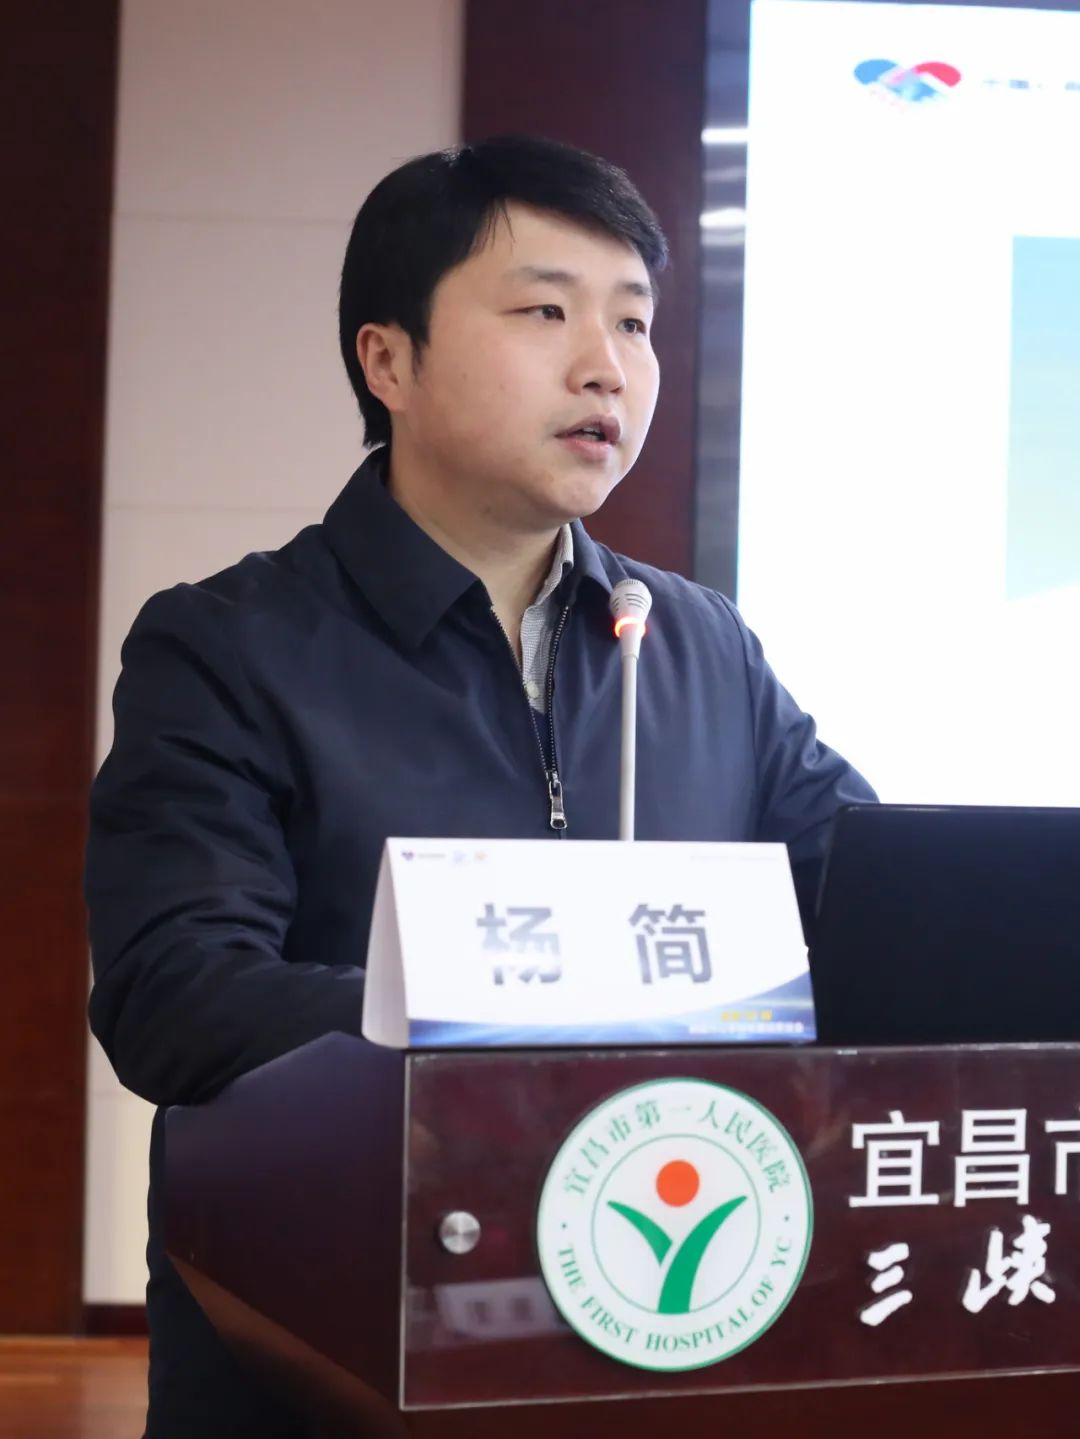 同「心」前进:专家齐聚「宜昌样本」,共促胸痛中心建设